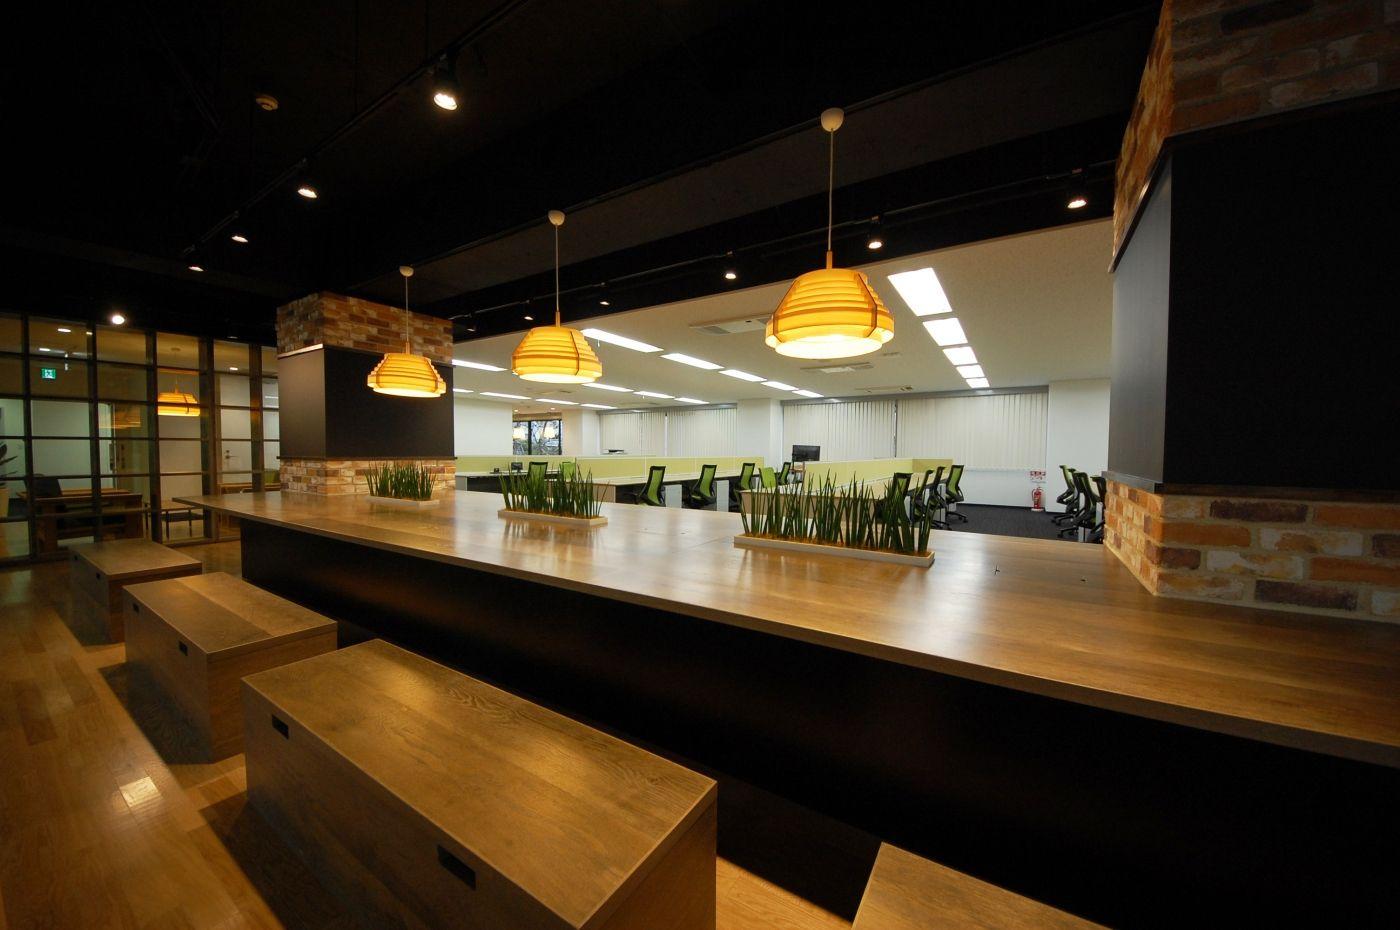 ガラスやスケルトン天井のオフィス オフィスデザイン事例 デザイナーズオフィスのヴィス オフィスデザイン デザイン 天井